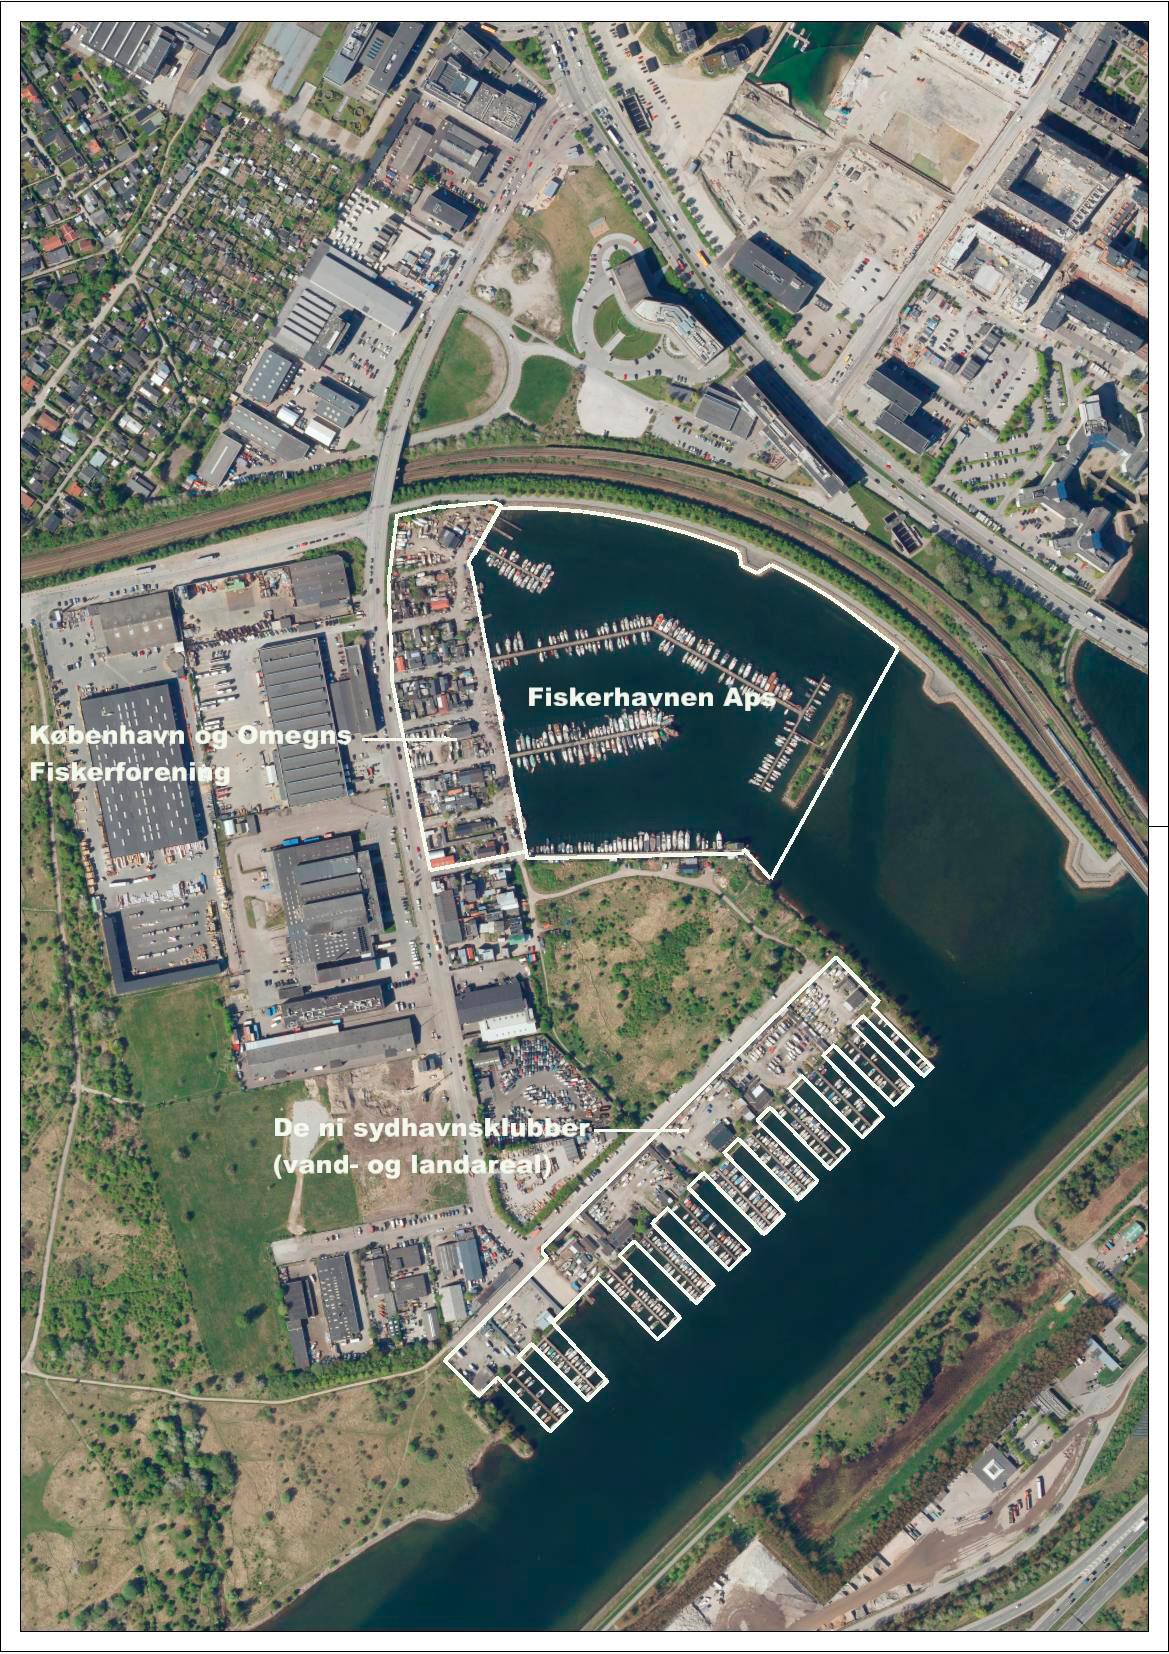 Fiskerhavnen-20210114_oversigt over lejearealer_januar 2021_